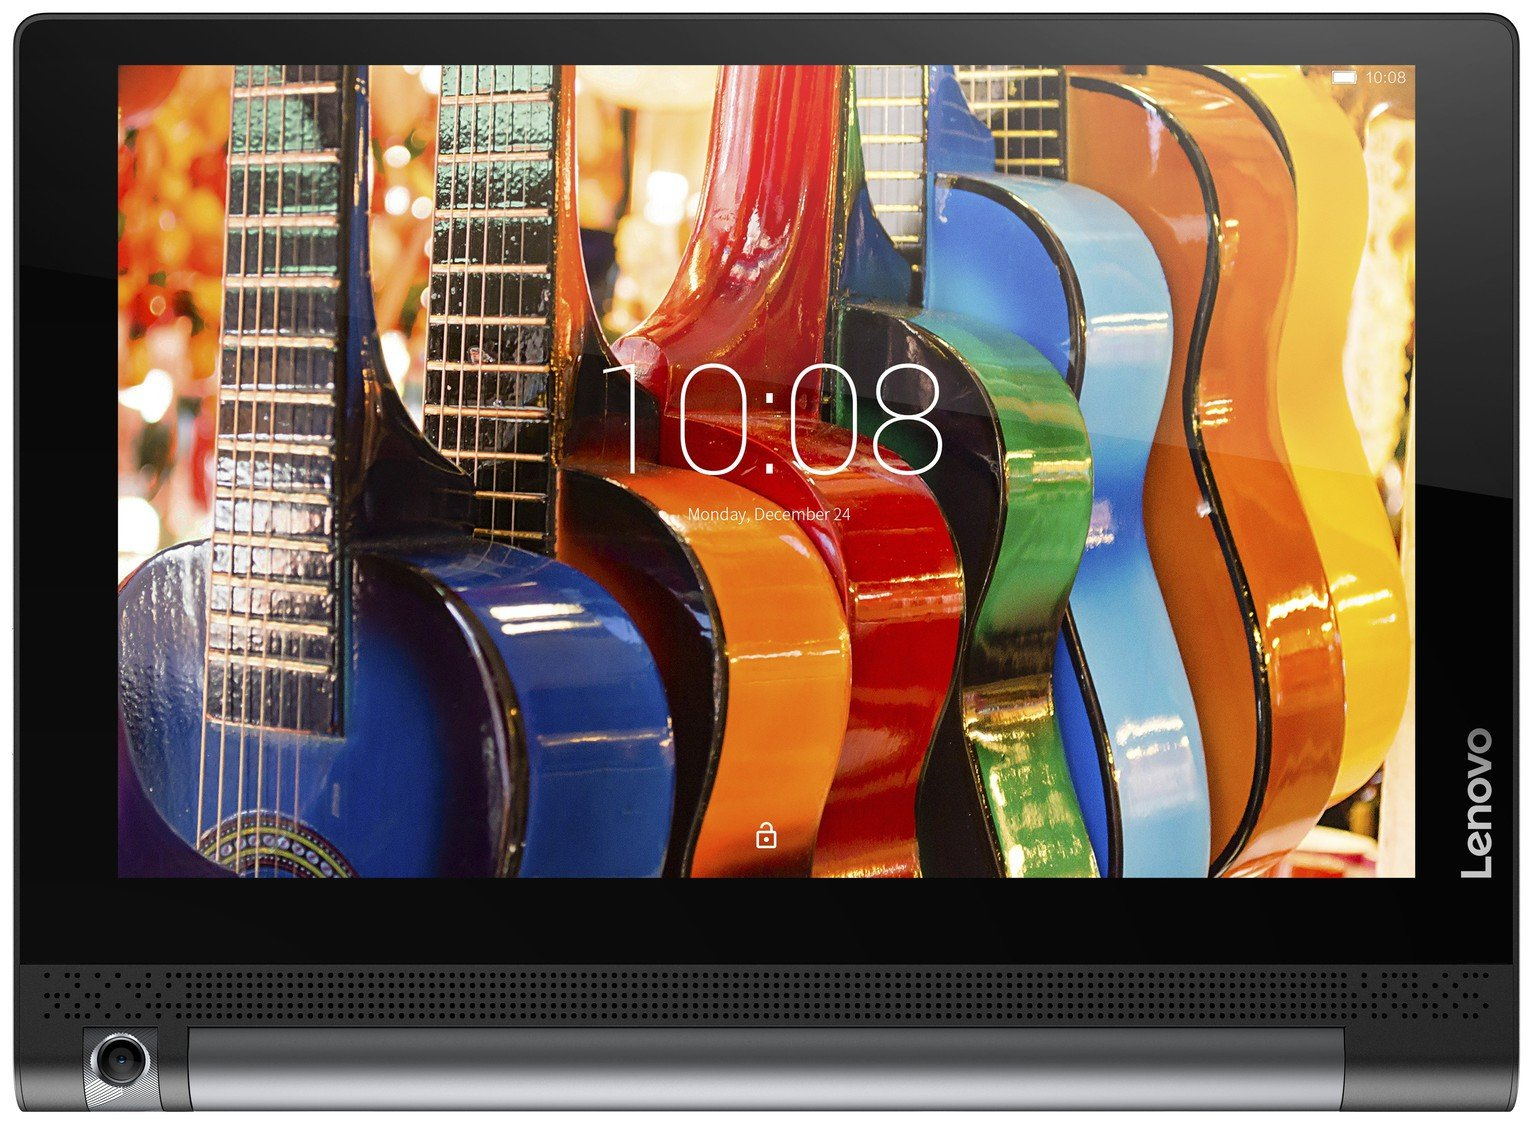 'Lenovo Yoga Tab 3 10.1 Inch 16gb Tablet - Black